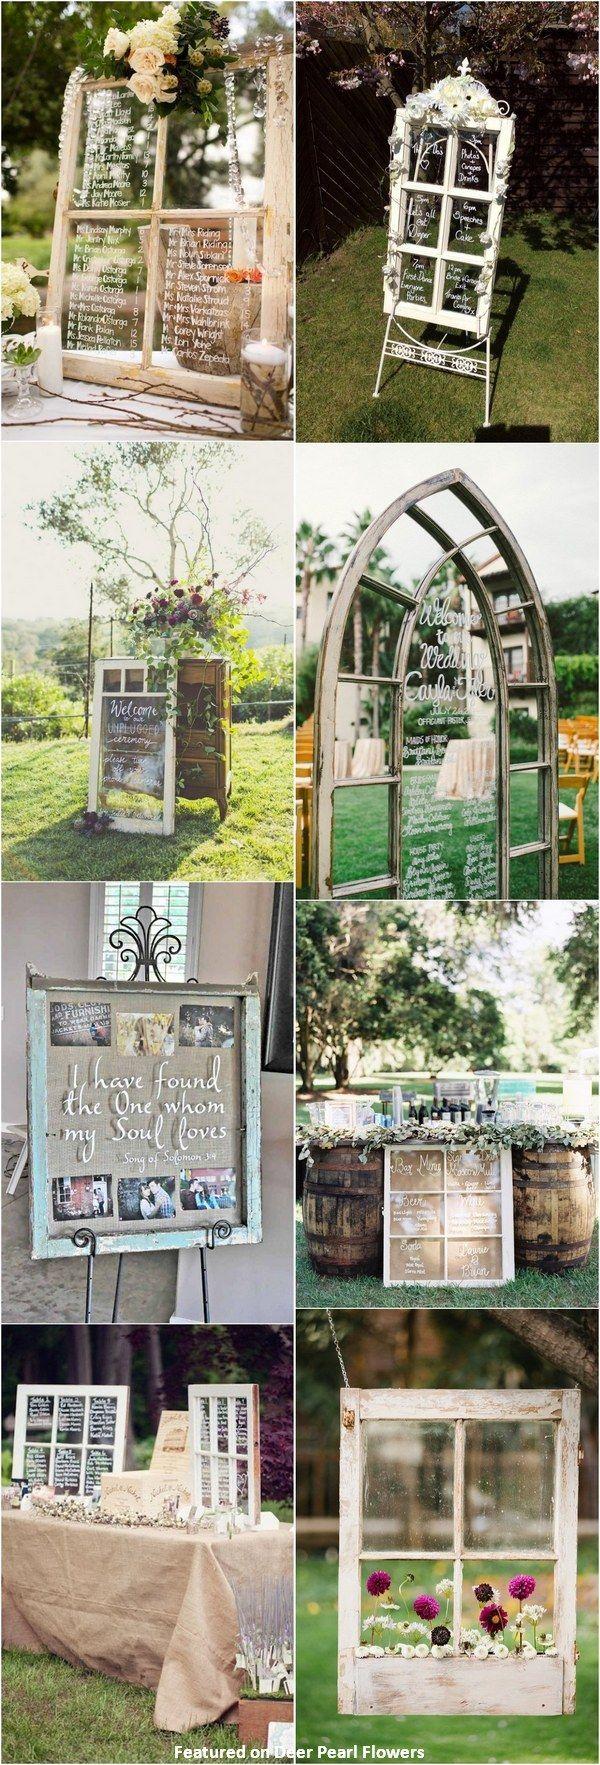 Simple wedding decoration designs   Fab Diy Window Decoration Ideas for Weddings  Weddings